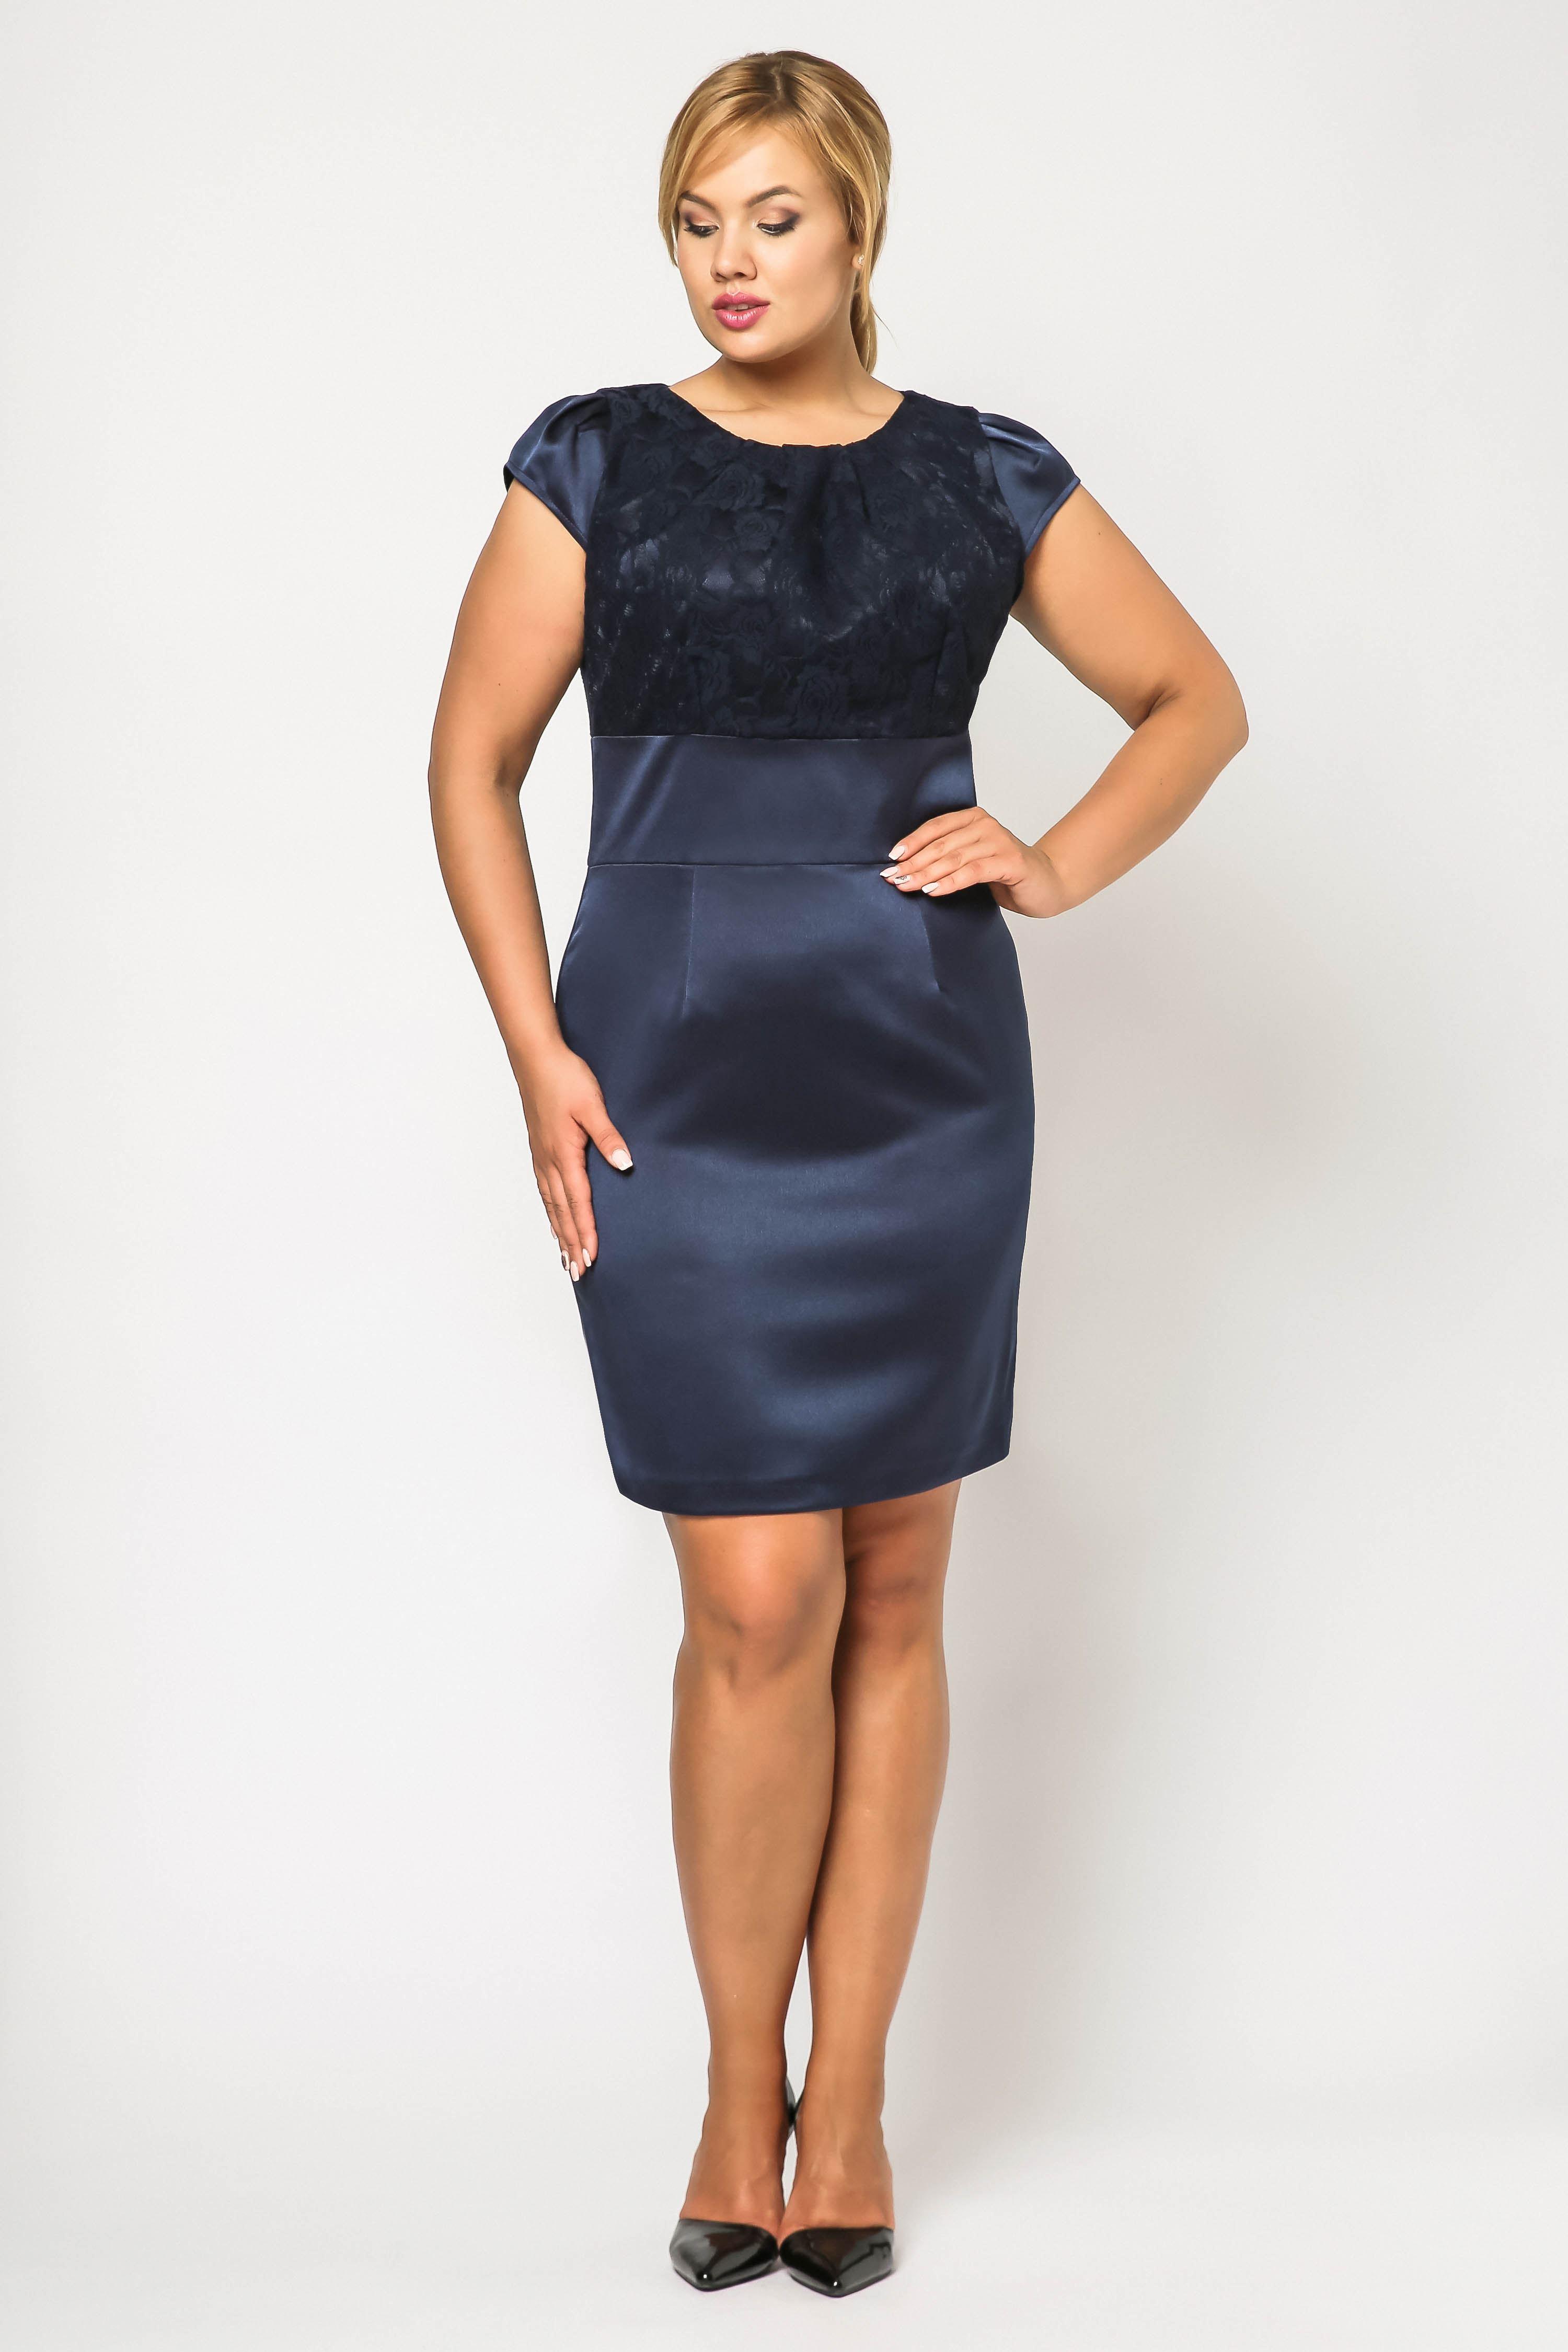 Dress Gabi Lace in navy blue